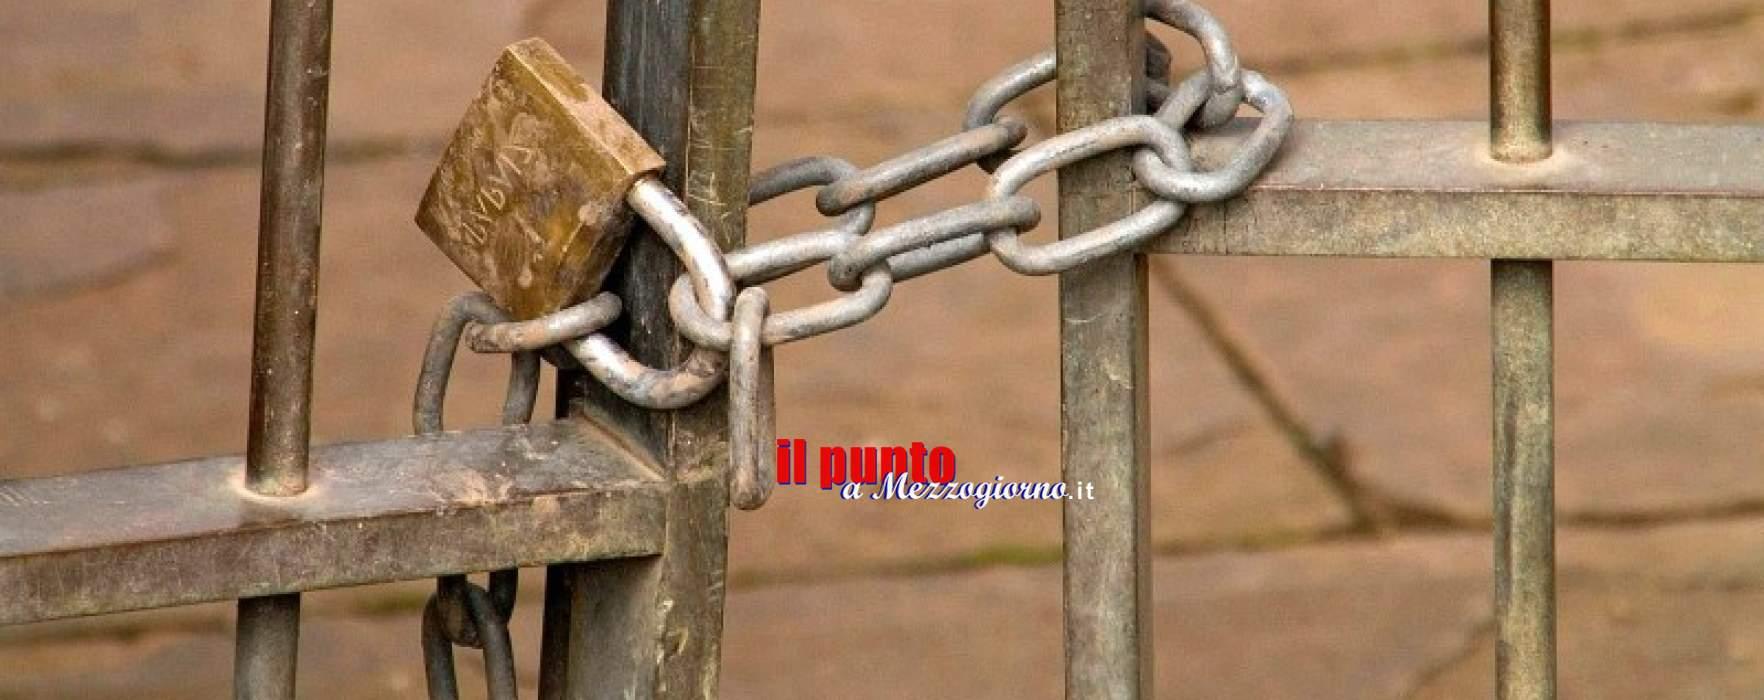 """Fratelli segregati in casa a Frosinone: dopo le indagini il Giudice dispone l'allontanamento degli """"aguzzini"""""""